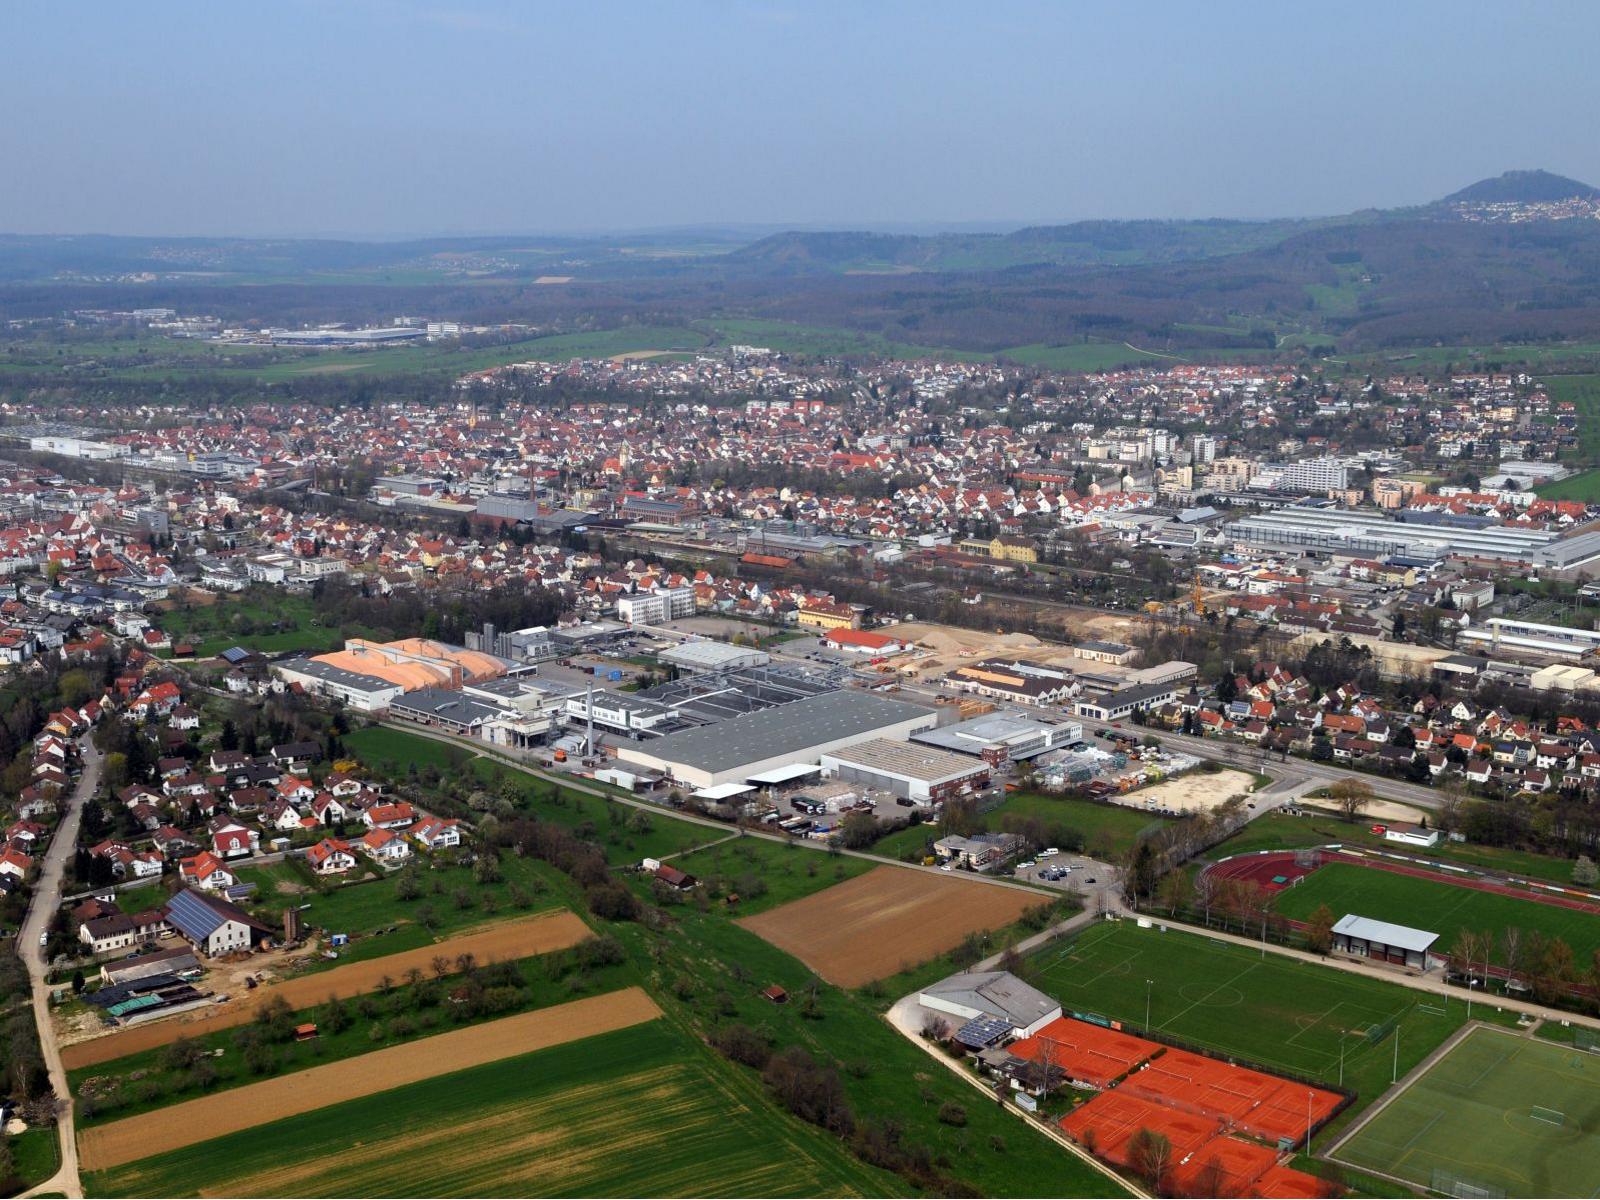 Wohn- und Gewerbeflächen in Eislingen aus der Luft